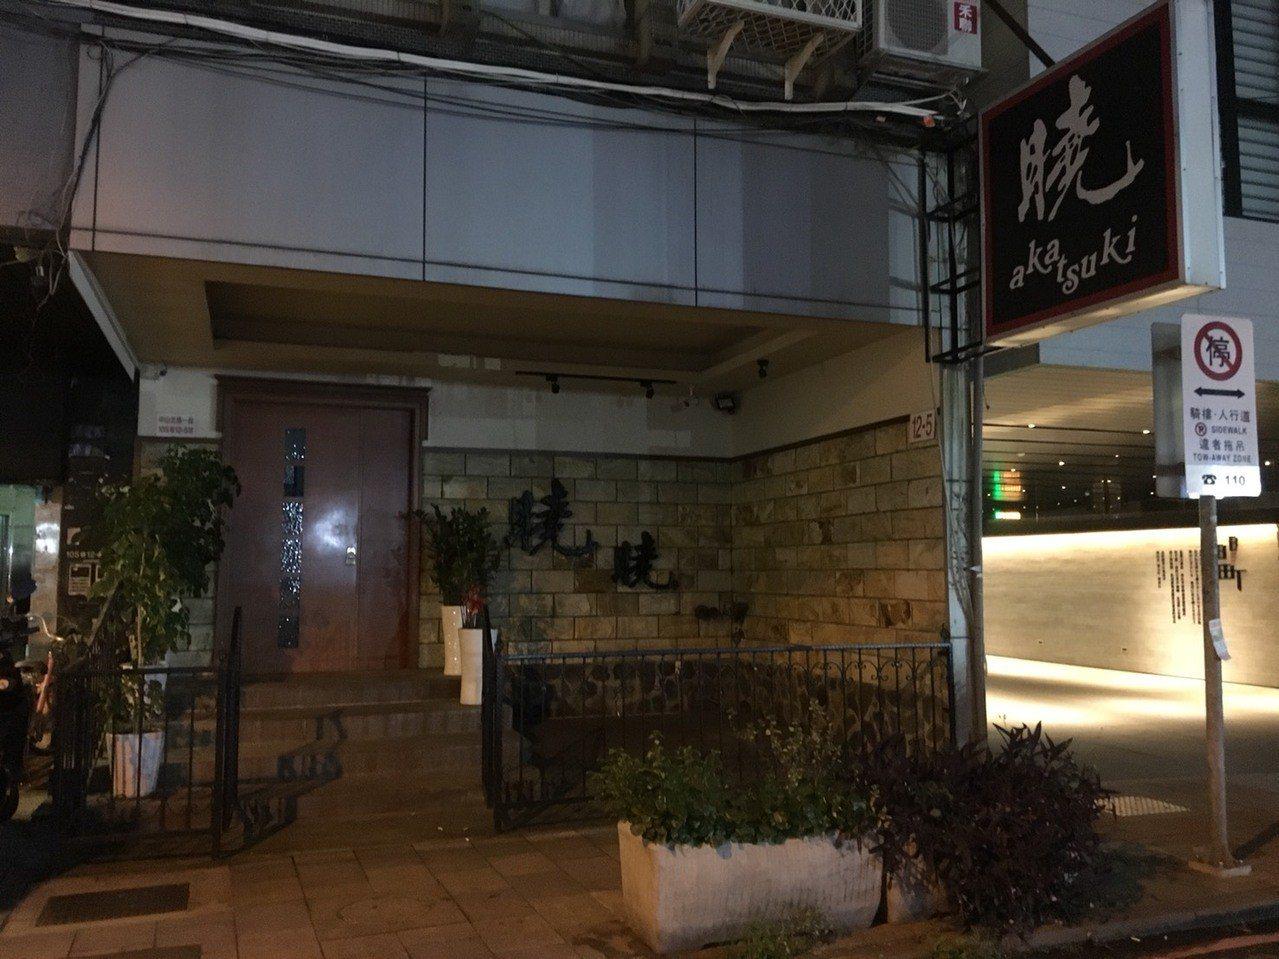 「曉曉」酒店爆發員警收賄,中山分局有四官警涉案遭收押。記者林孟潔/攝影